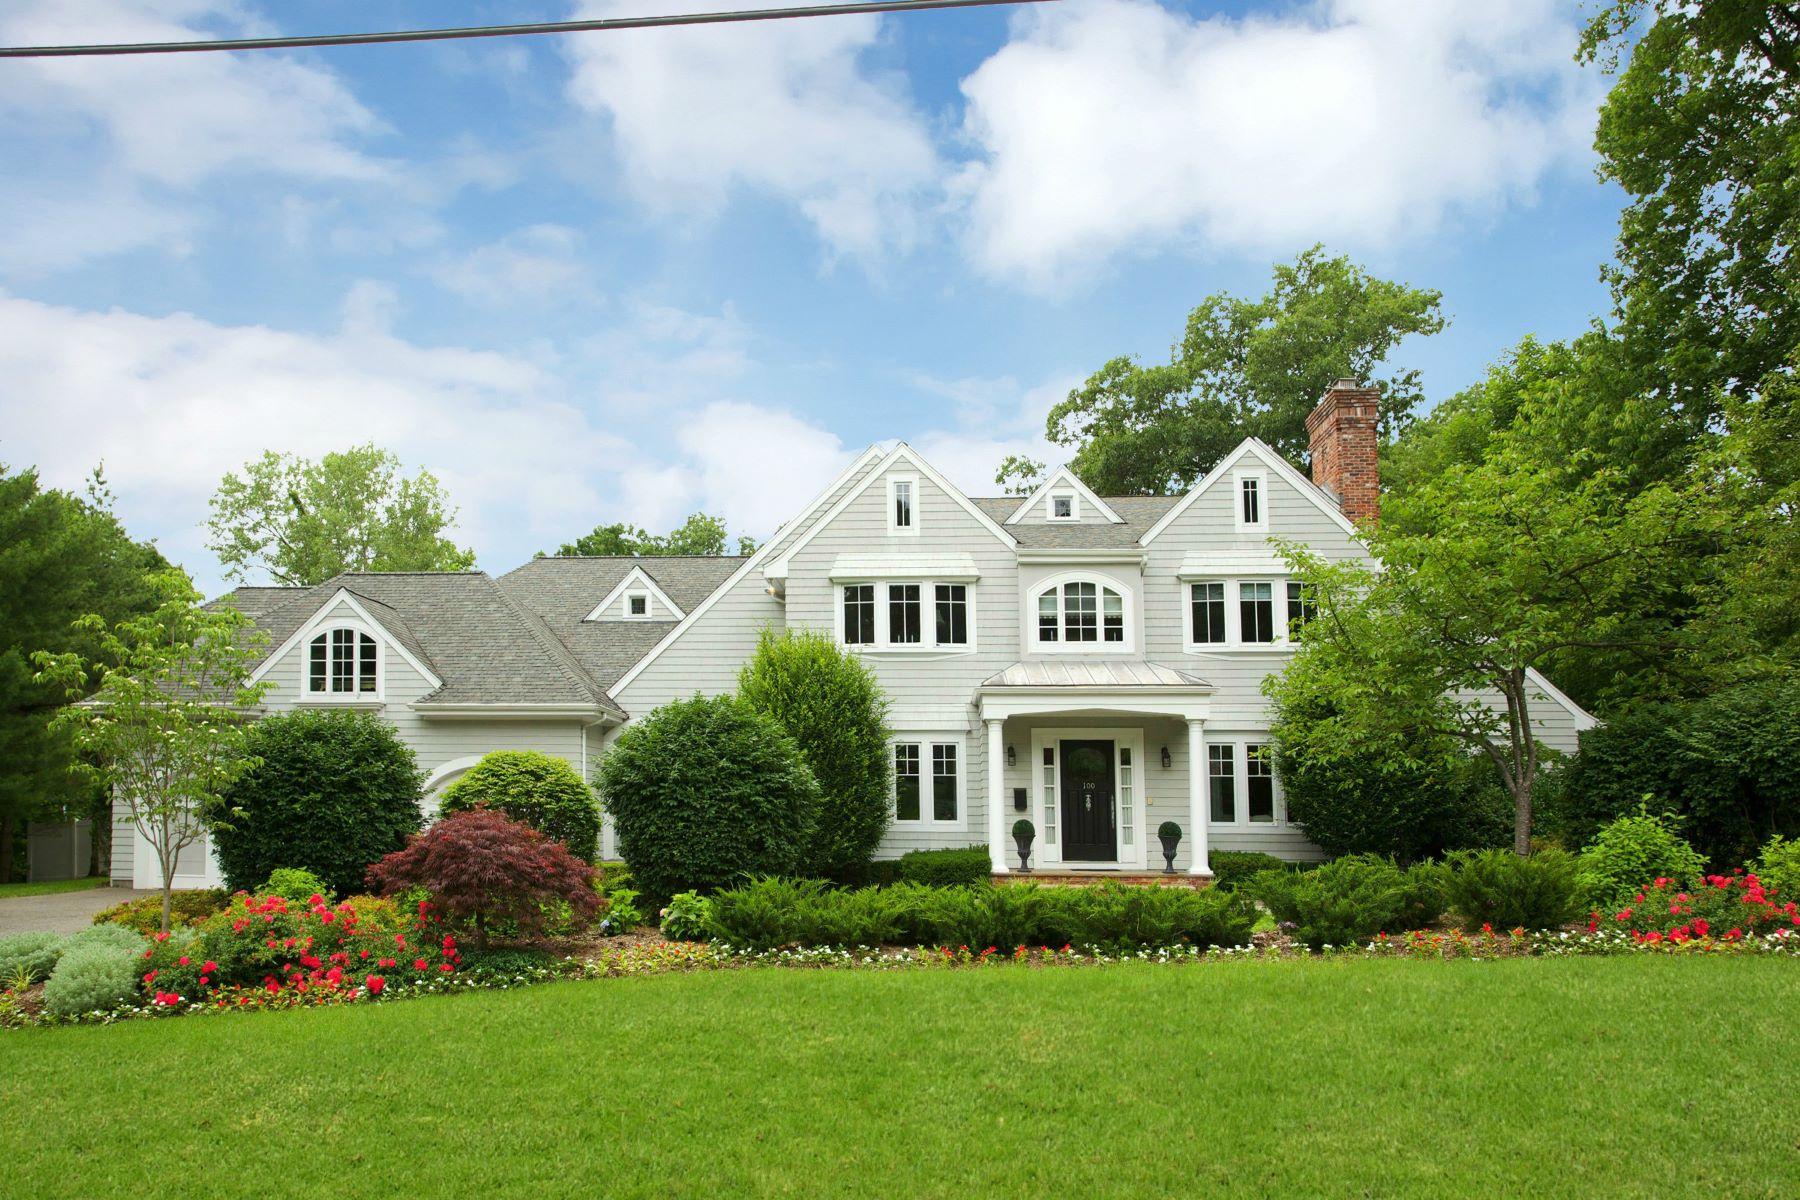 独户住宅 为 销售 在 Hampton Style Estate 100 Devriese Court 特纳弗莱, 新泽西州 07670 美国